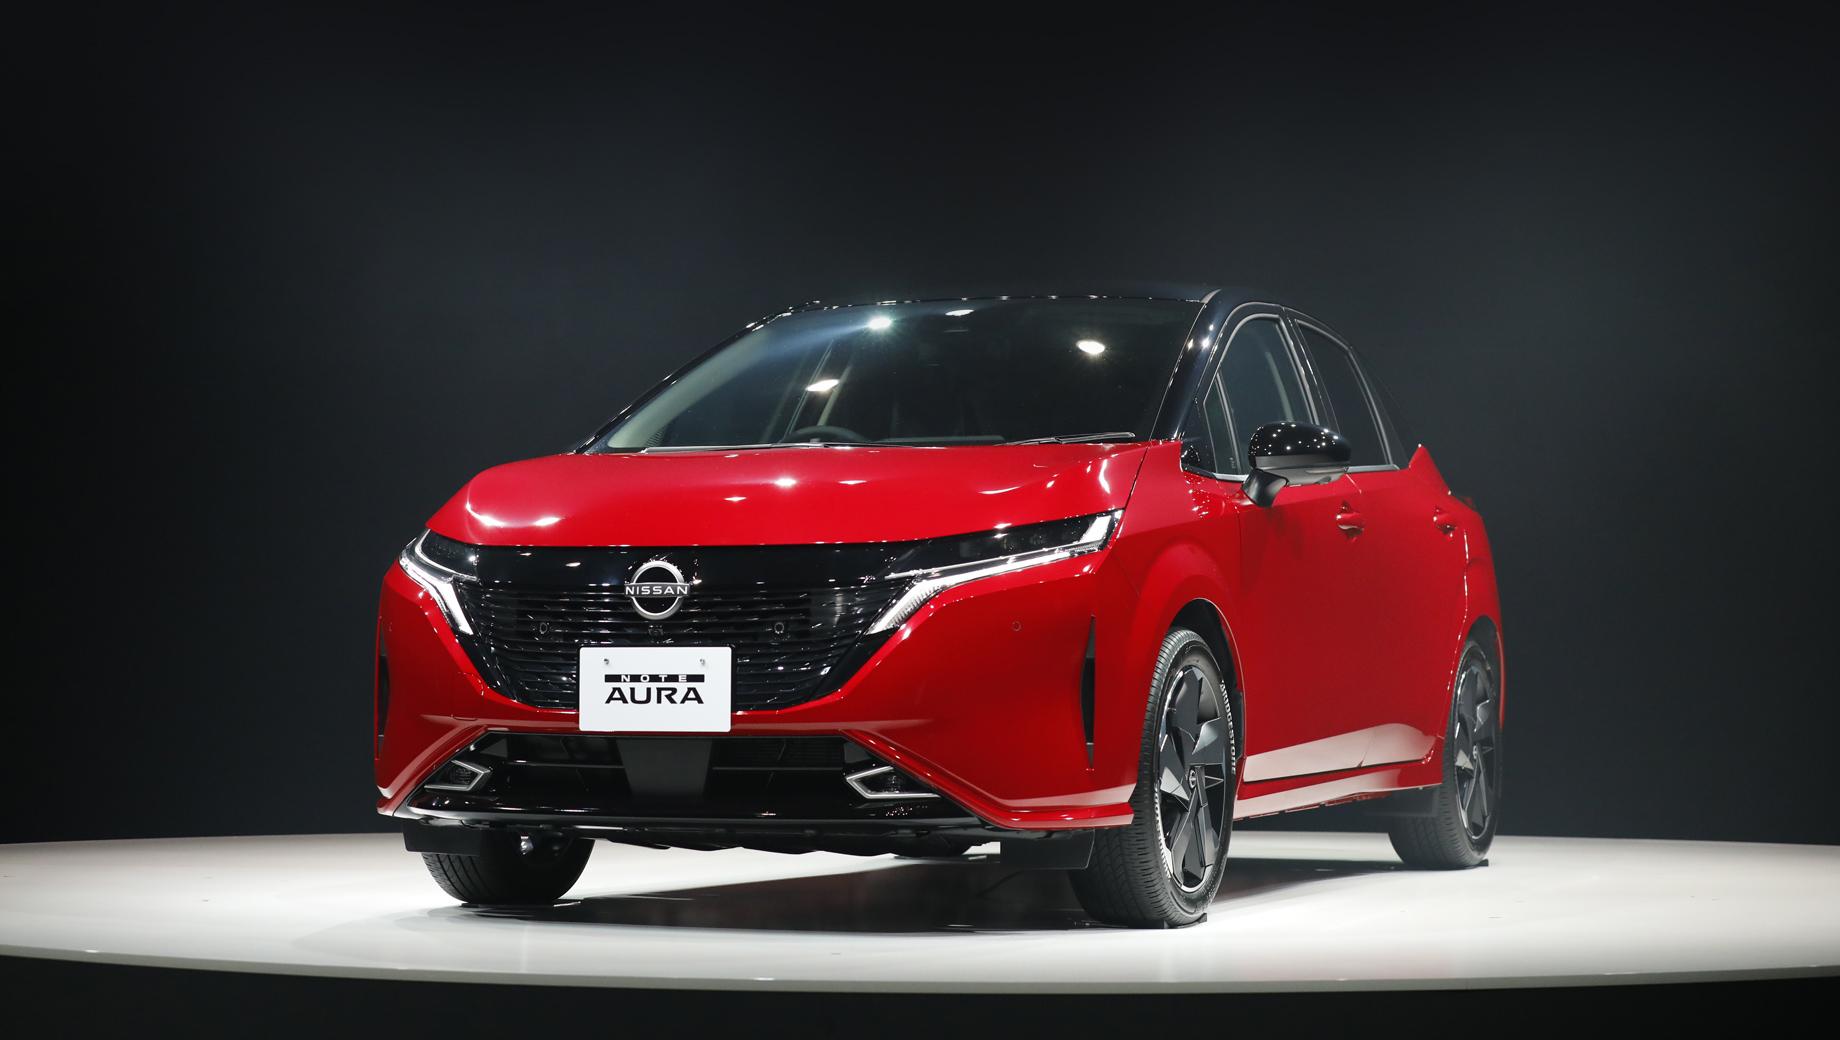 Nissan note,Nissan note aura. Носовую часть гибридного хэтча дизайнеры сделали похожей на электрический паркетник Ariya. Потому тут появились более узкие, чем на Ноуте, фары, перекроенный бампер, чёрная решётка радиатора с множеством трапециевидных элементов.